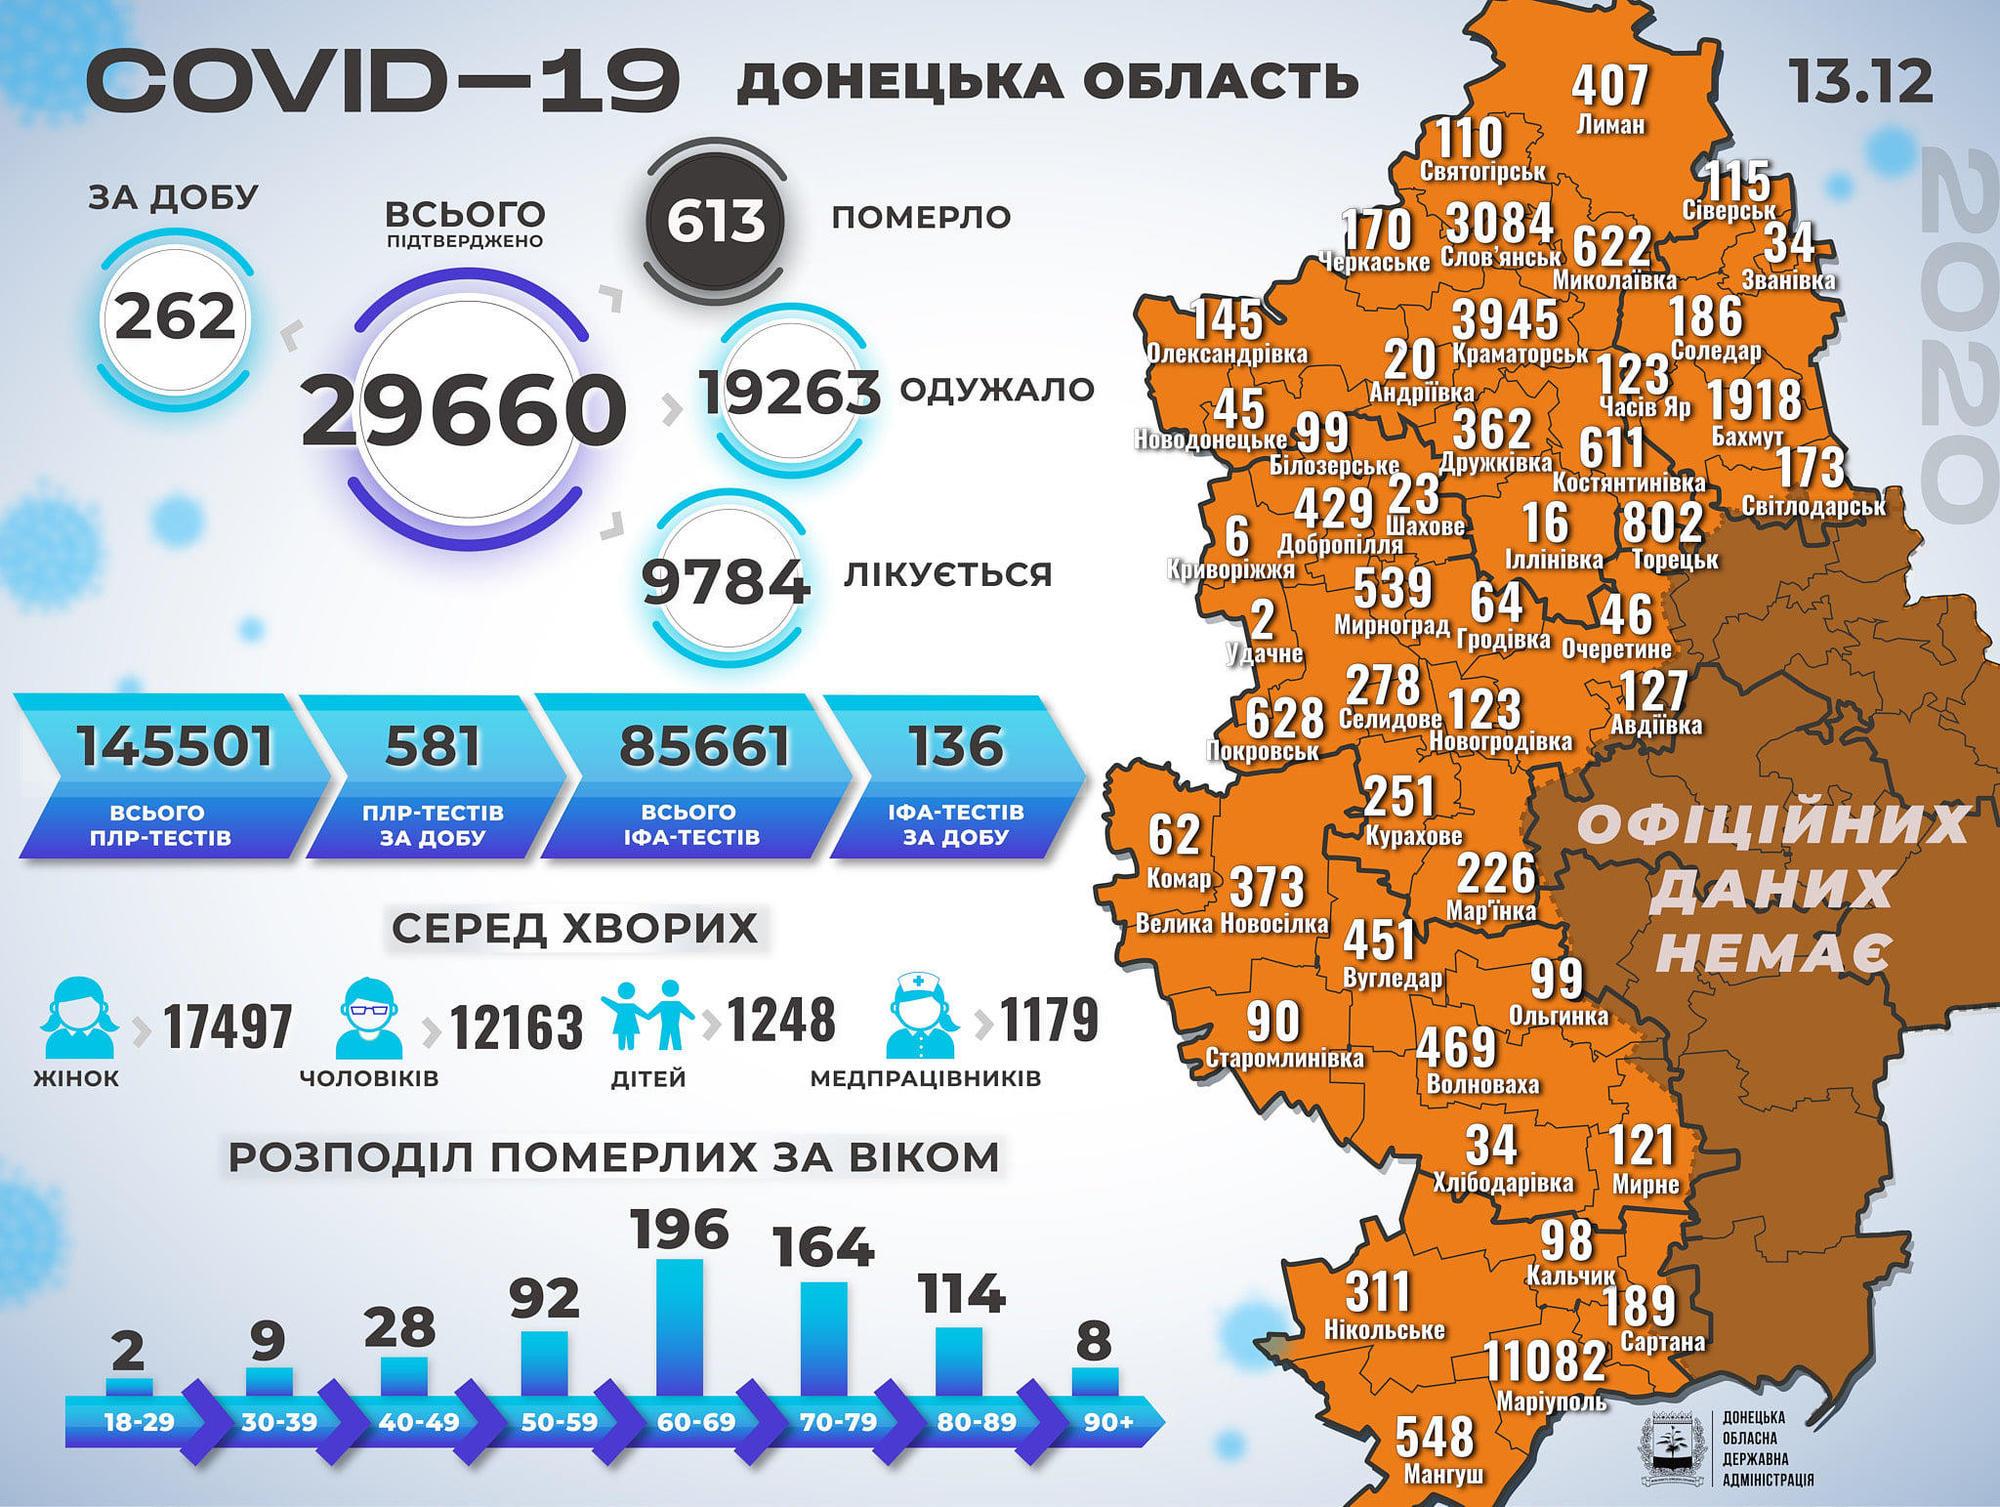 коронавирус статистика Донецкая область на 14 декабря